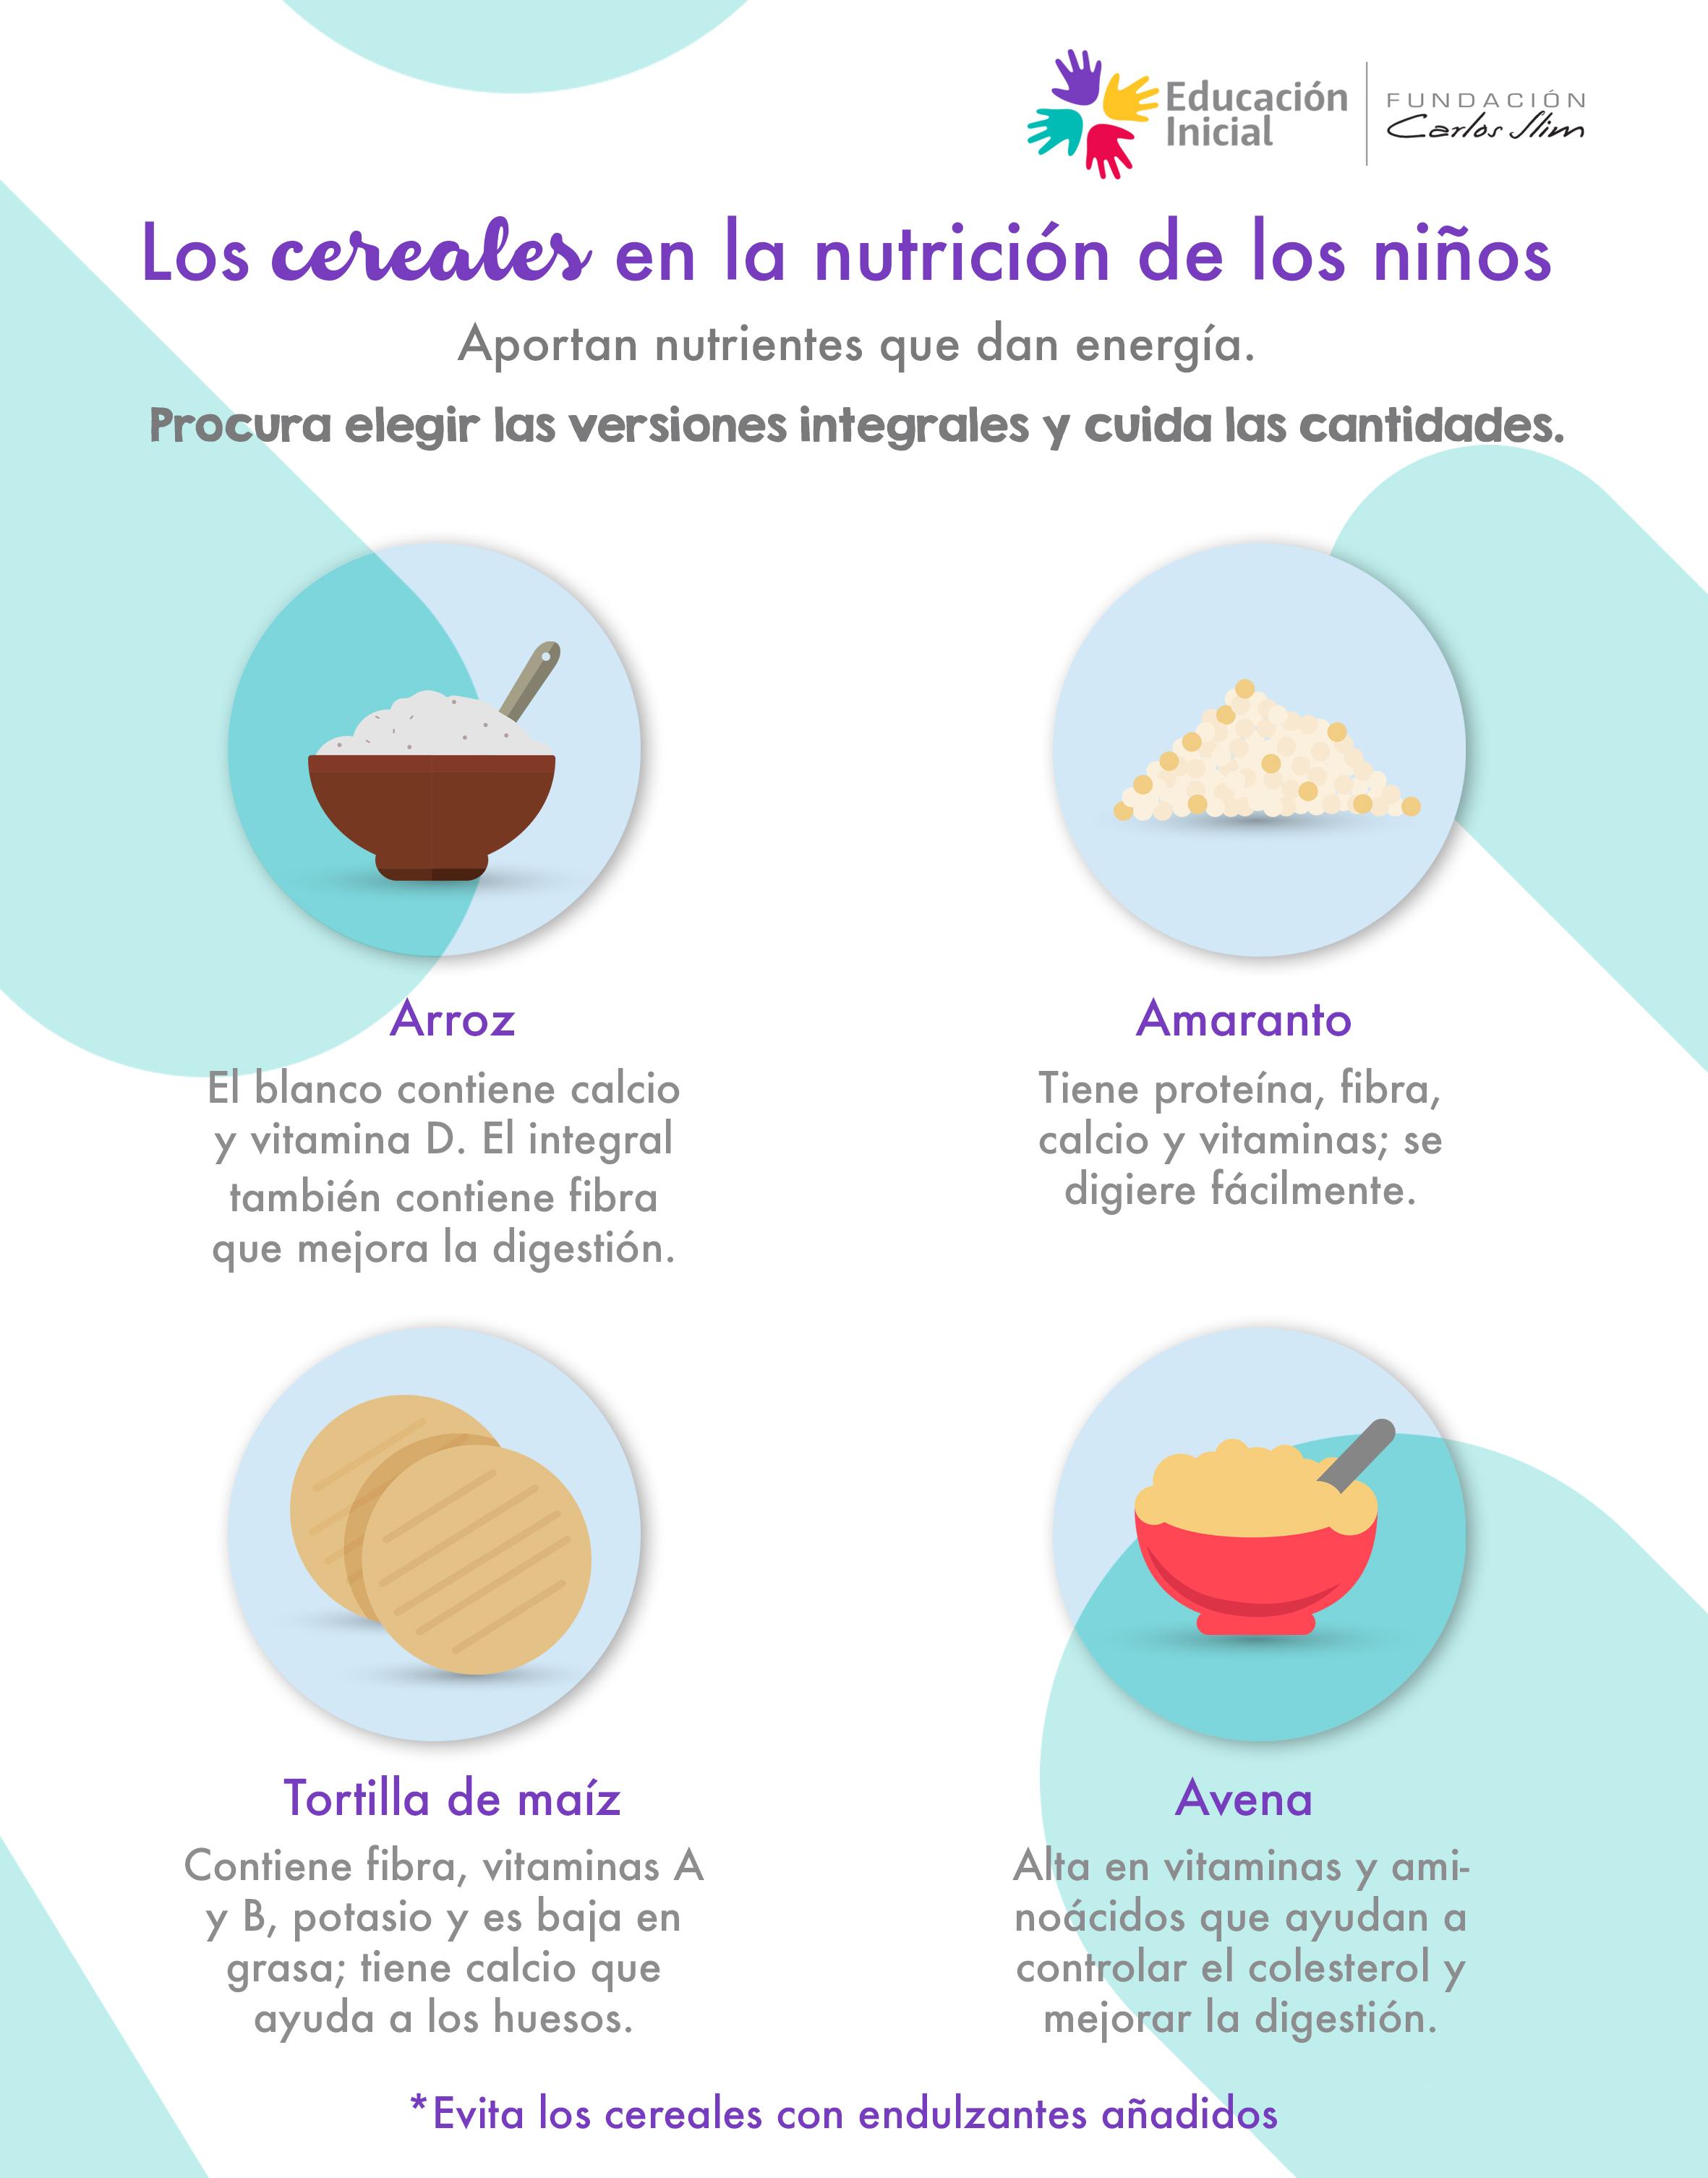 7. Los cereales en la nutrición de los niños 3